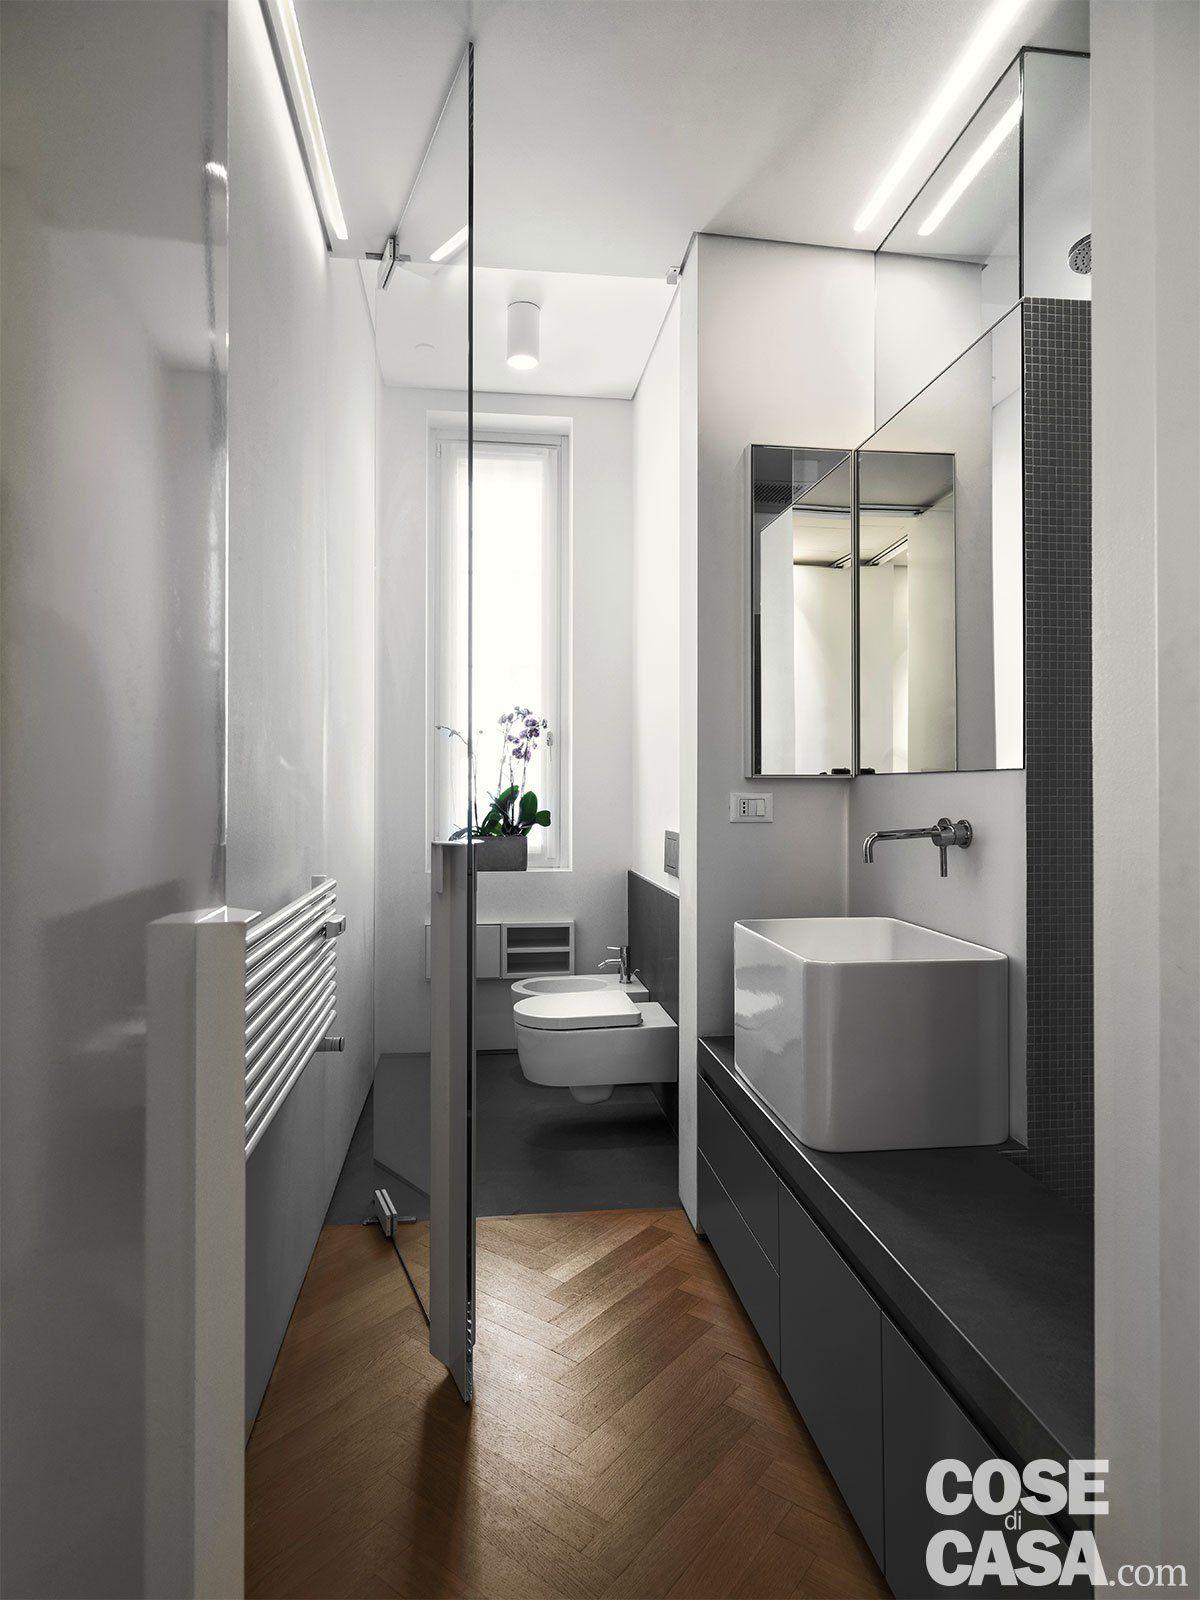 110 mq con una parete in vetro per dividere soggiorno e corridoio e ...